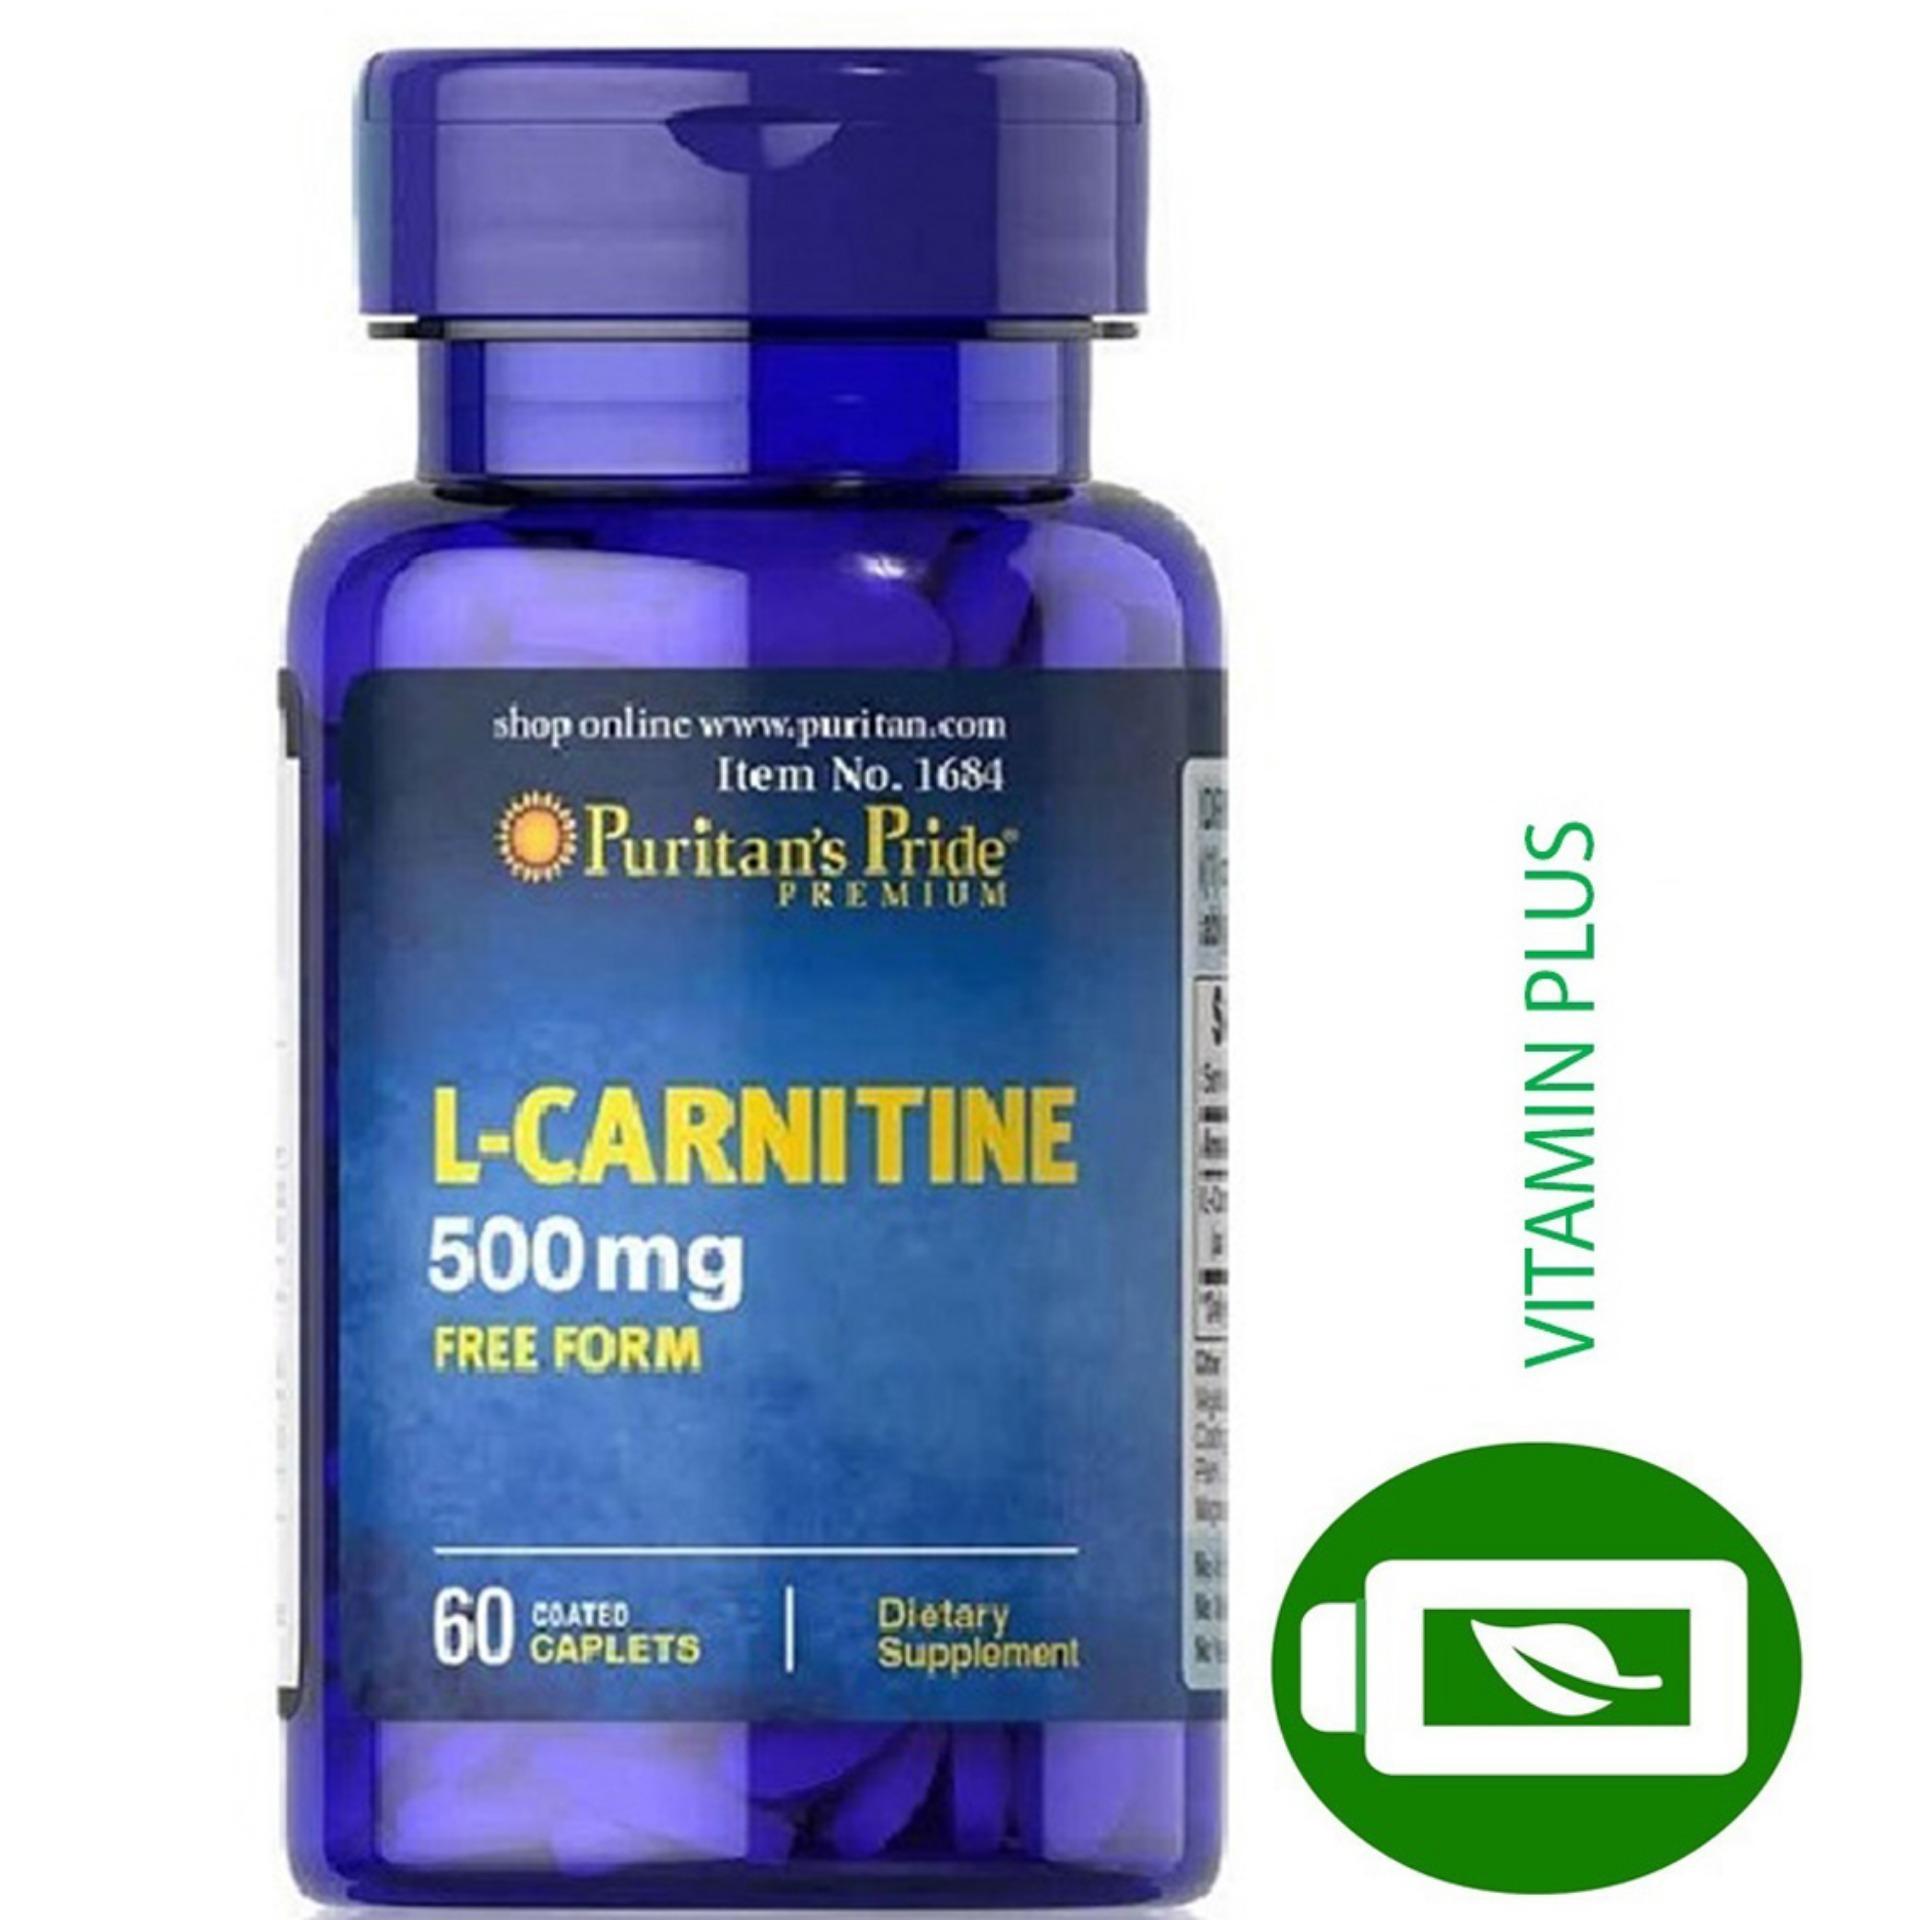 Viên uống hỗ trợ giảm cân, không tác dụng phụ, ngăn tích tụ chất béo giúp cơ thể săn gọn, tăng sức khỏe và sức bền, bổ thận Puritans Pride L-Carnitine 500mg 60 viên HSD tháng 3/2021 nhập khẩu